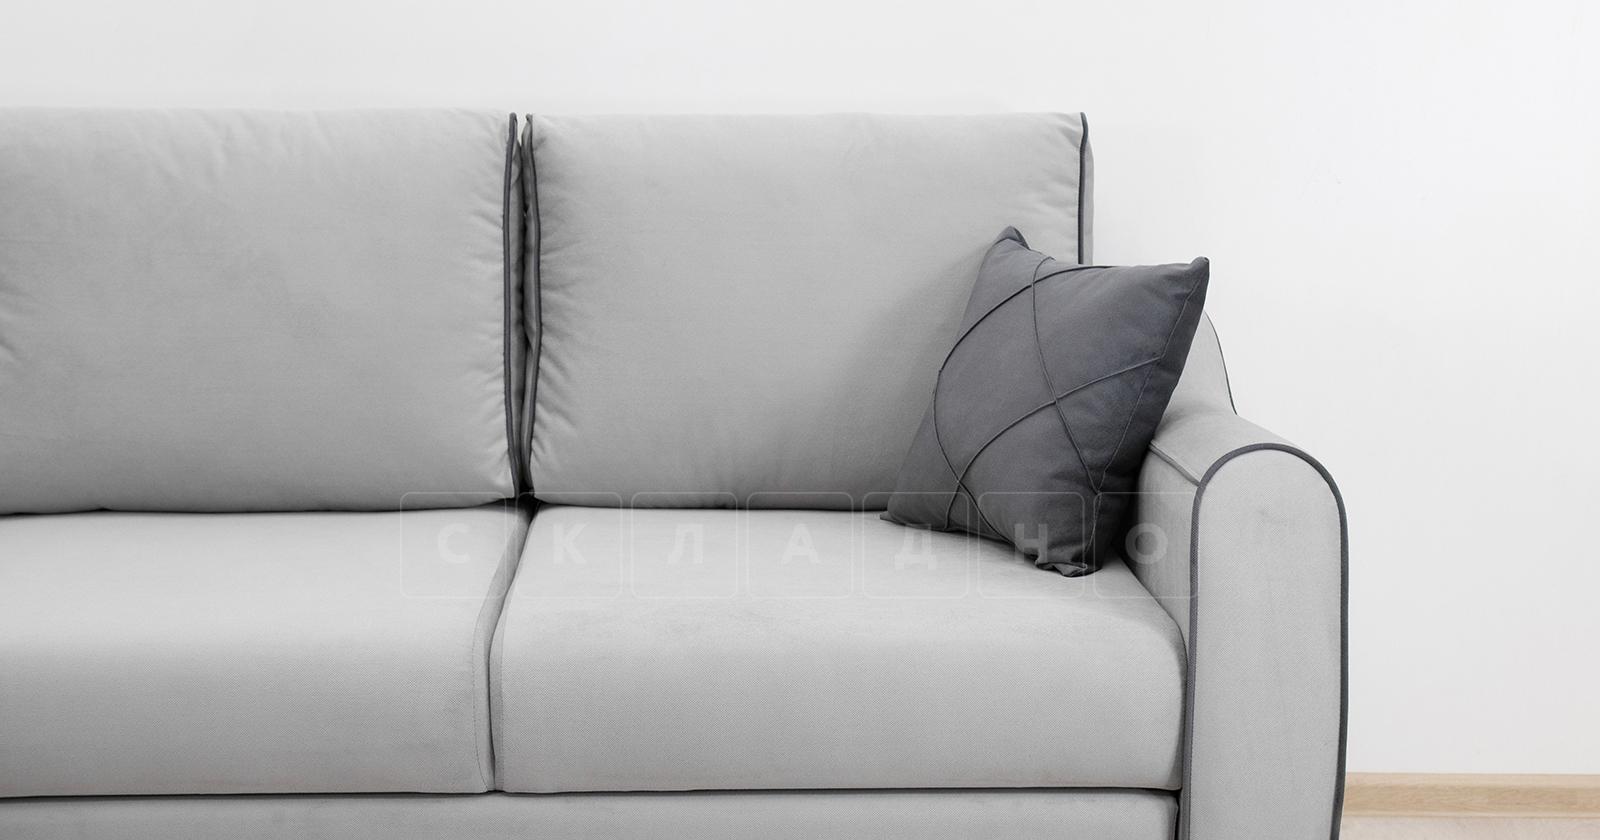 Диван-кровать угловой Флэтфорд светло-серый фото 12 | интернет-магазин Складно